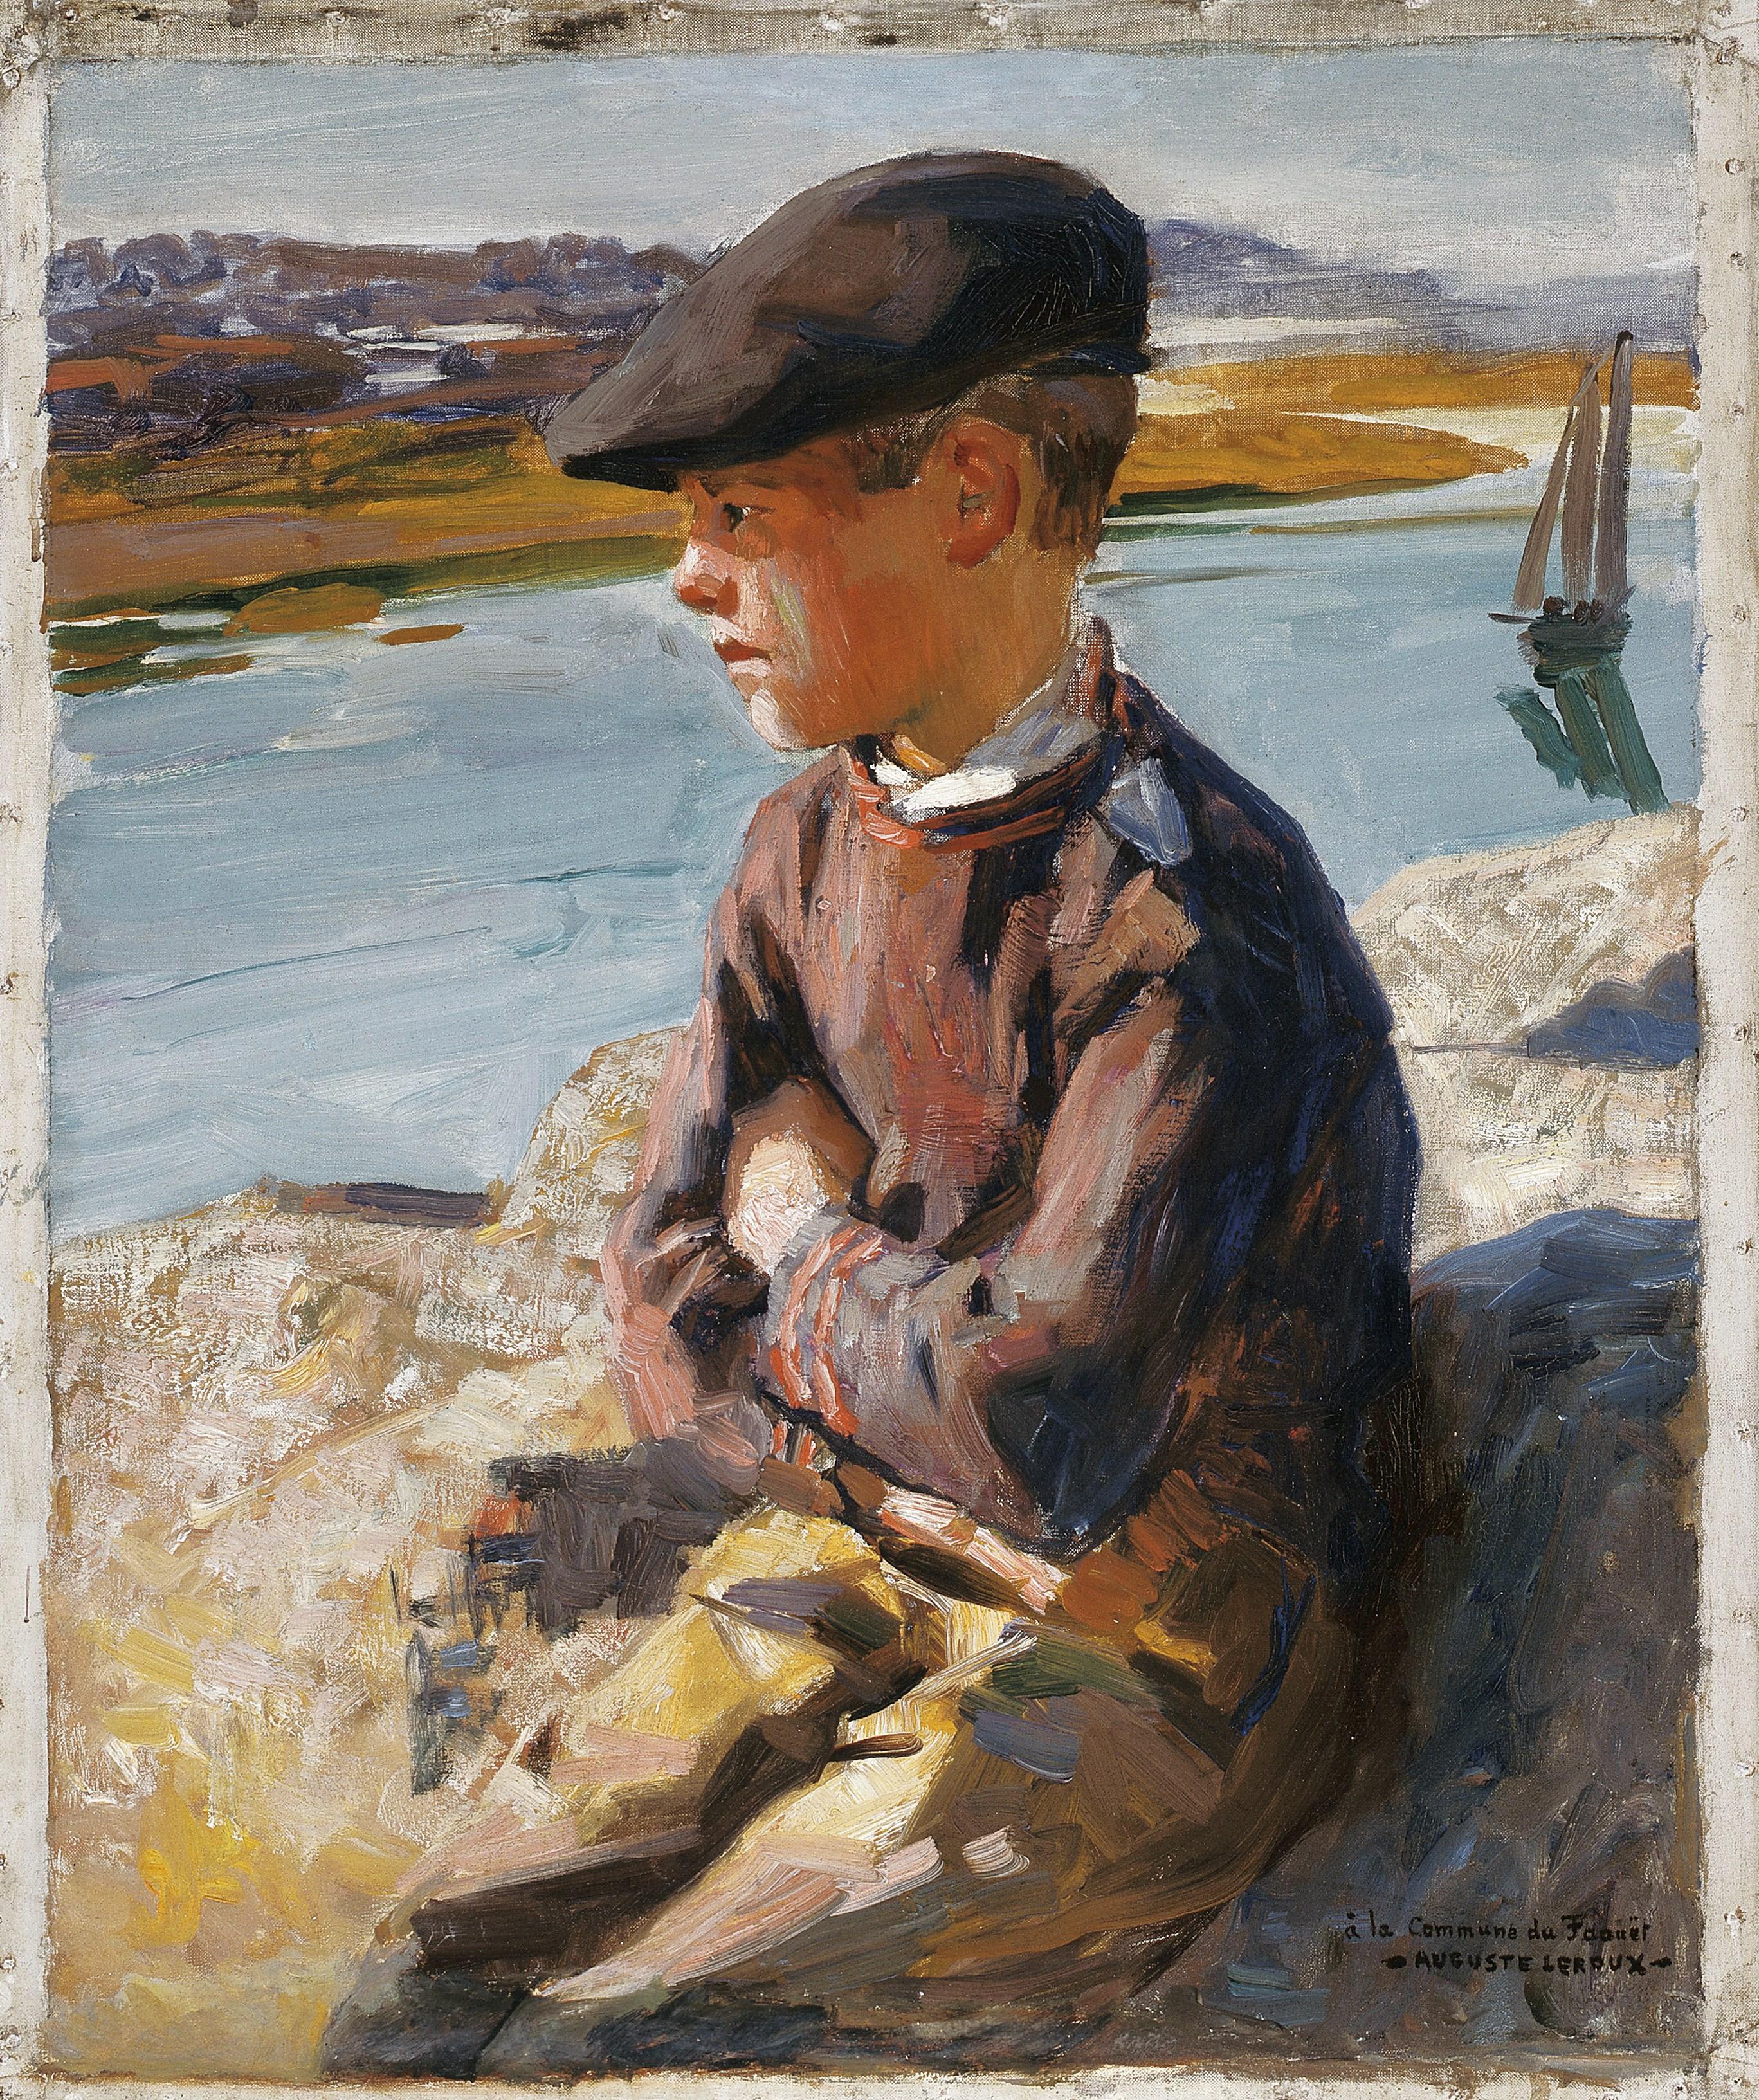 Auguste LEROUX (1871-1954) Jeune marin, vers 1914 Huile sur toile ; 64 x 53,5 cm Don de l'artiste, 1914 Collection musée du Faouët, n° d'inv. 02 © Musée du Faouët, 2017 - Photo S. Cuisset